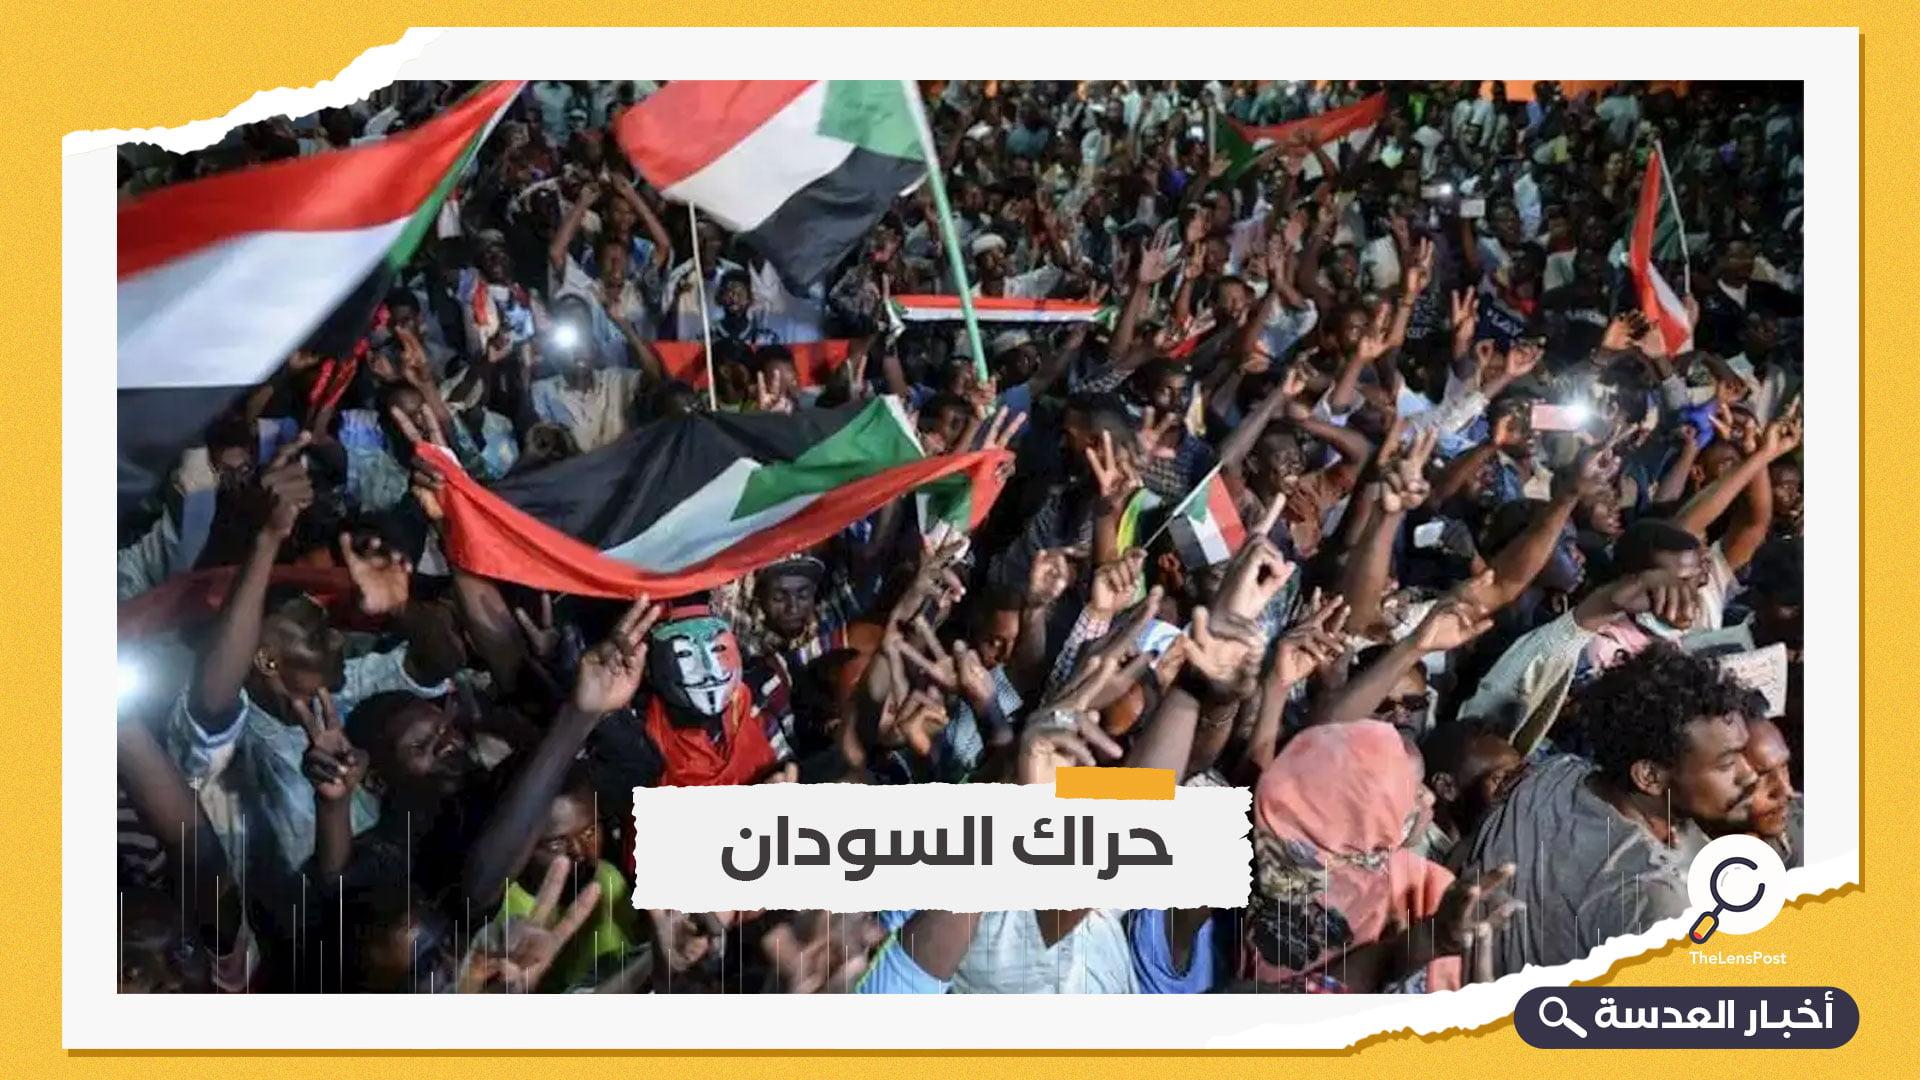 الحركة الإسلامية السودانية تدعو للتظاهر بعد حملة أمنية استهدفتها